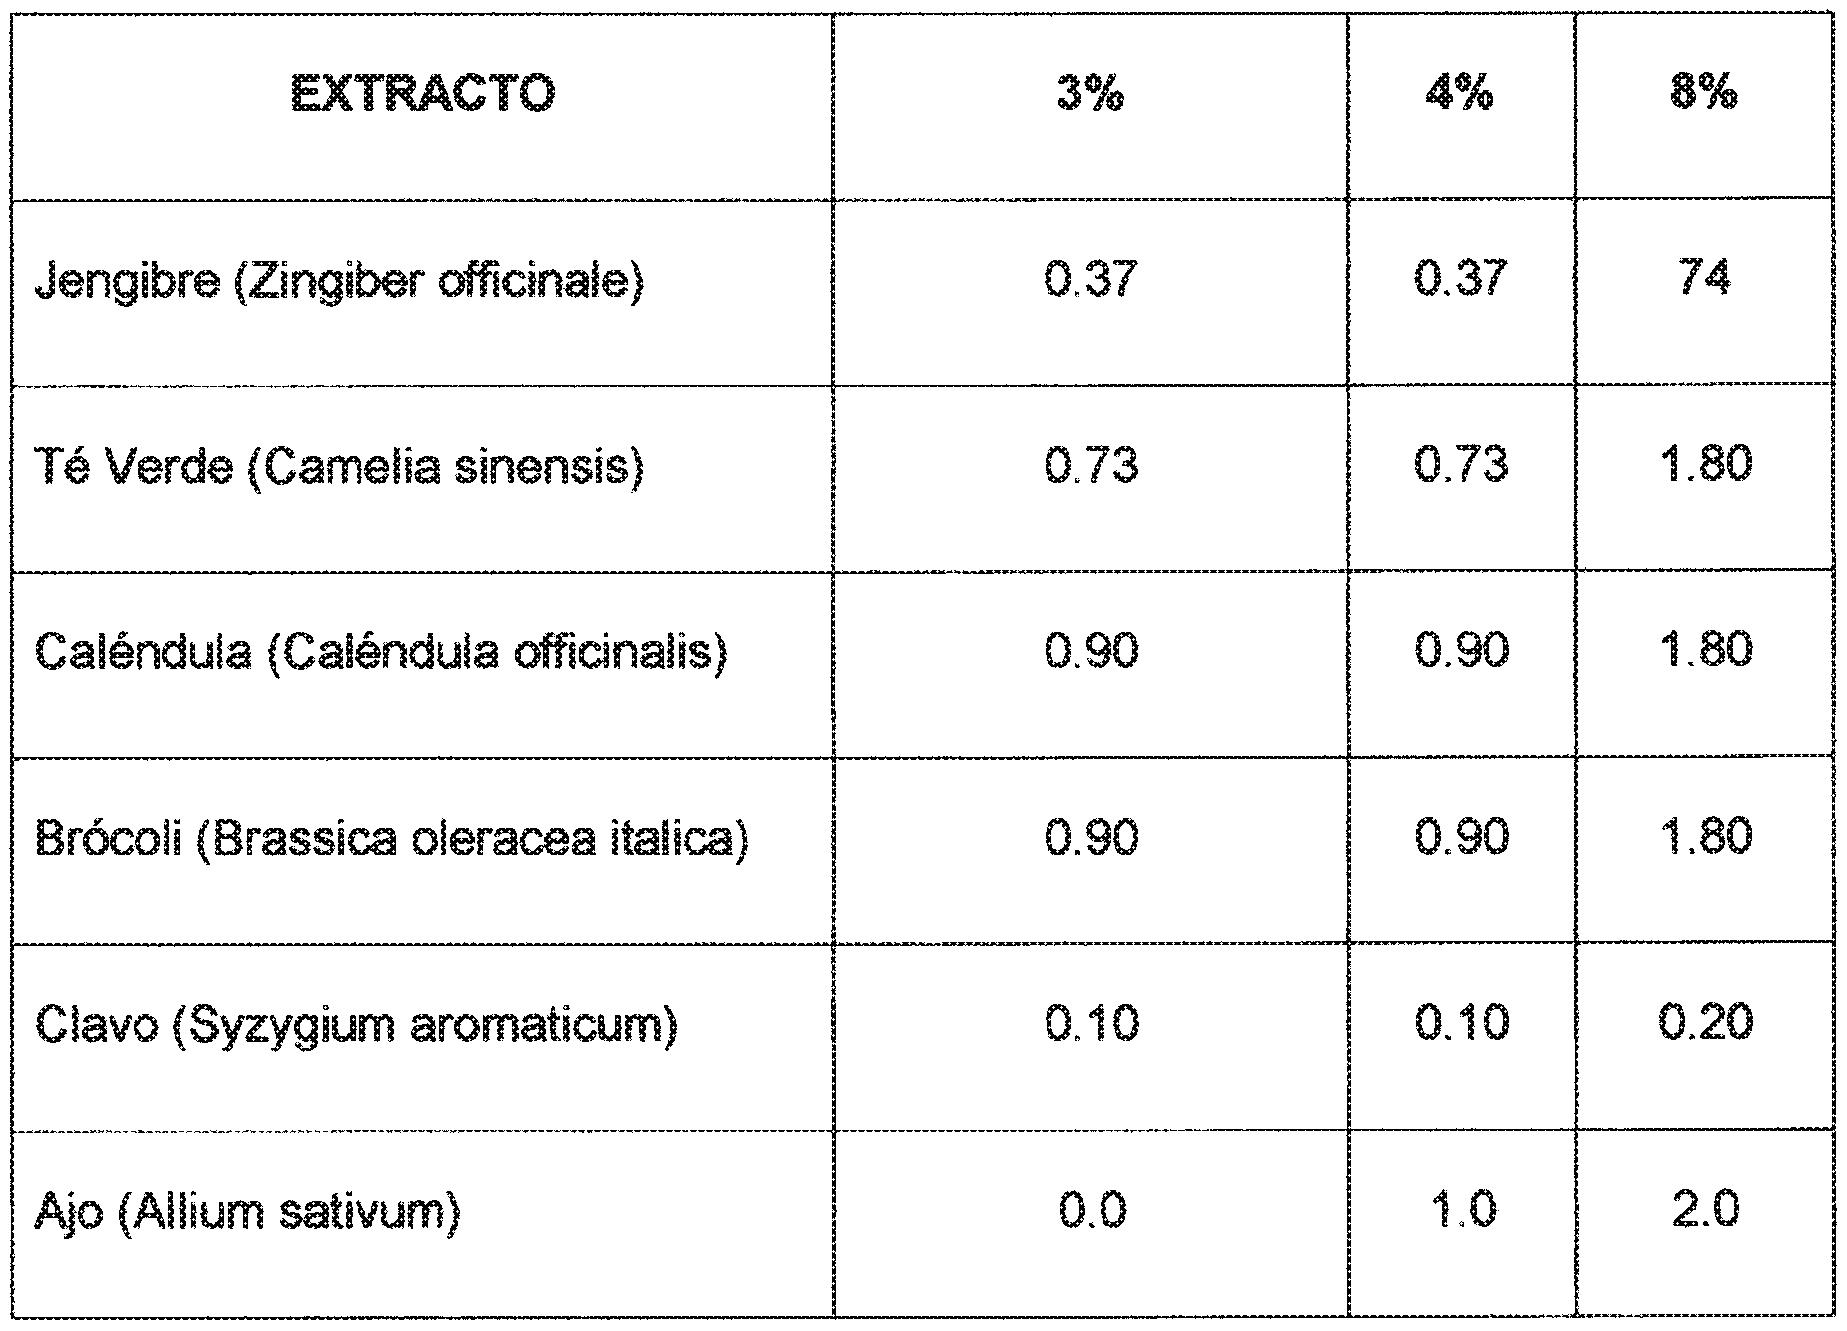 condyloma regeneráció)